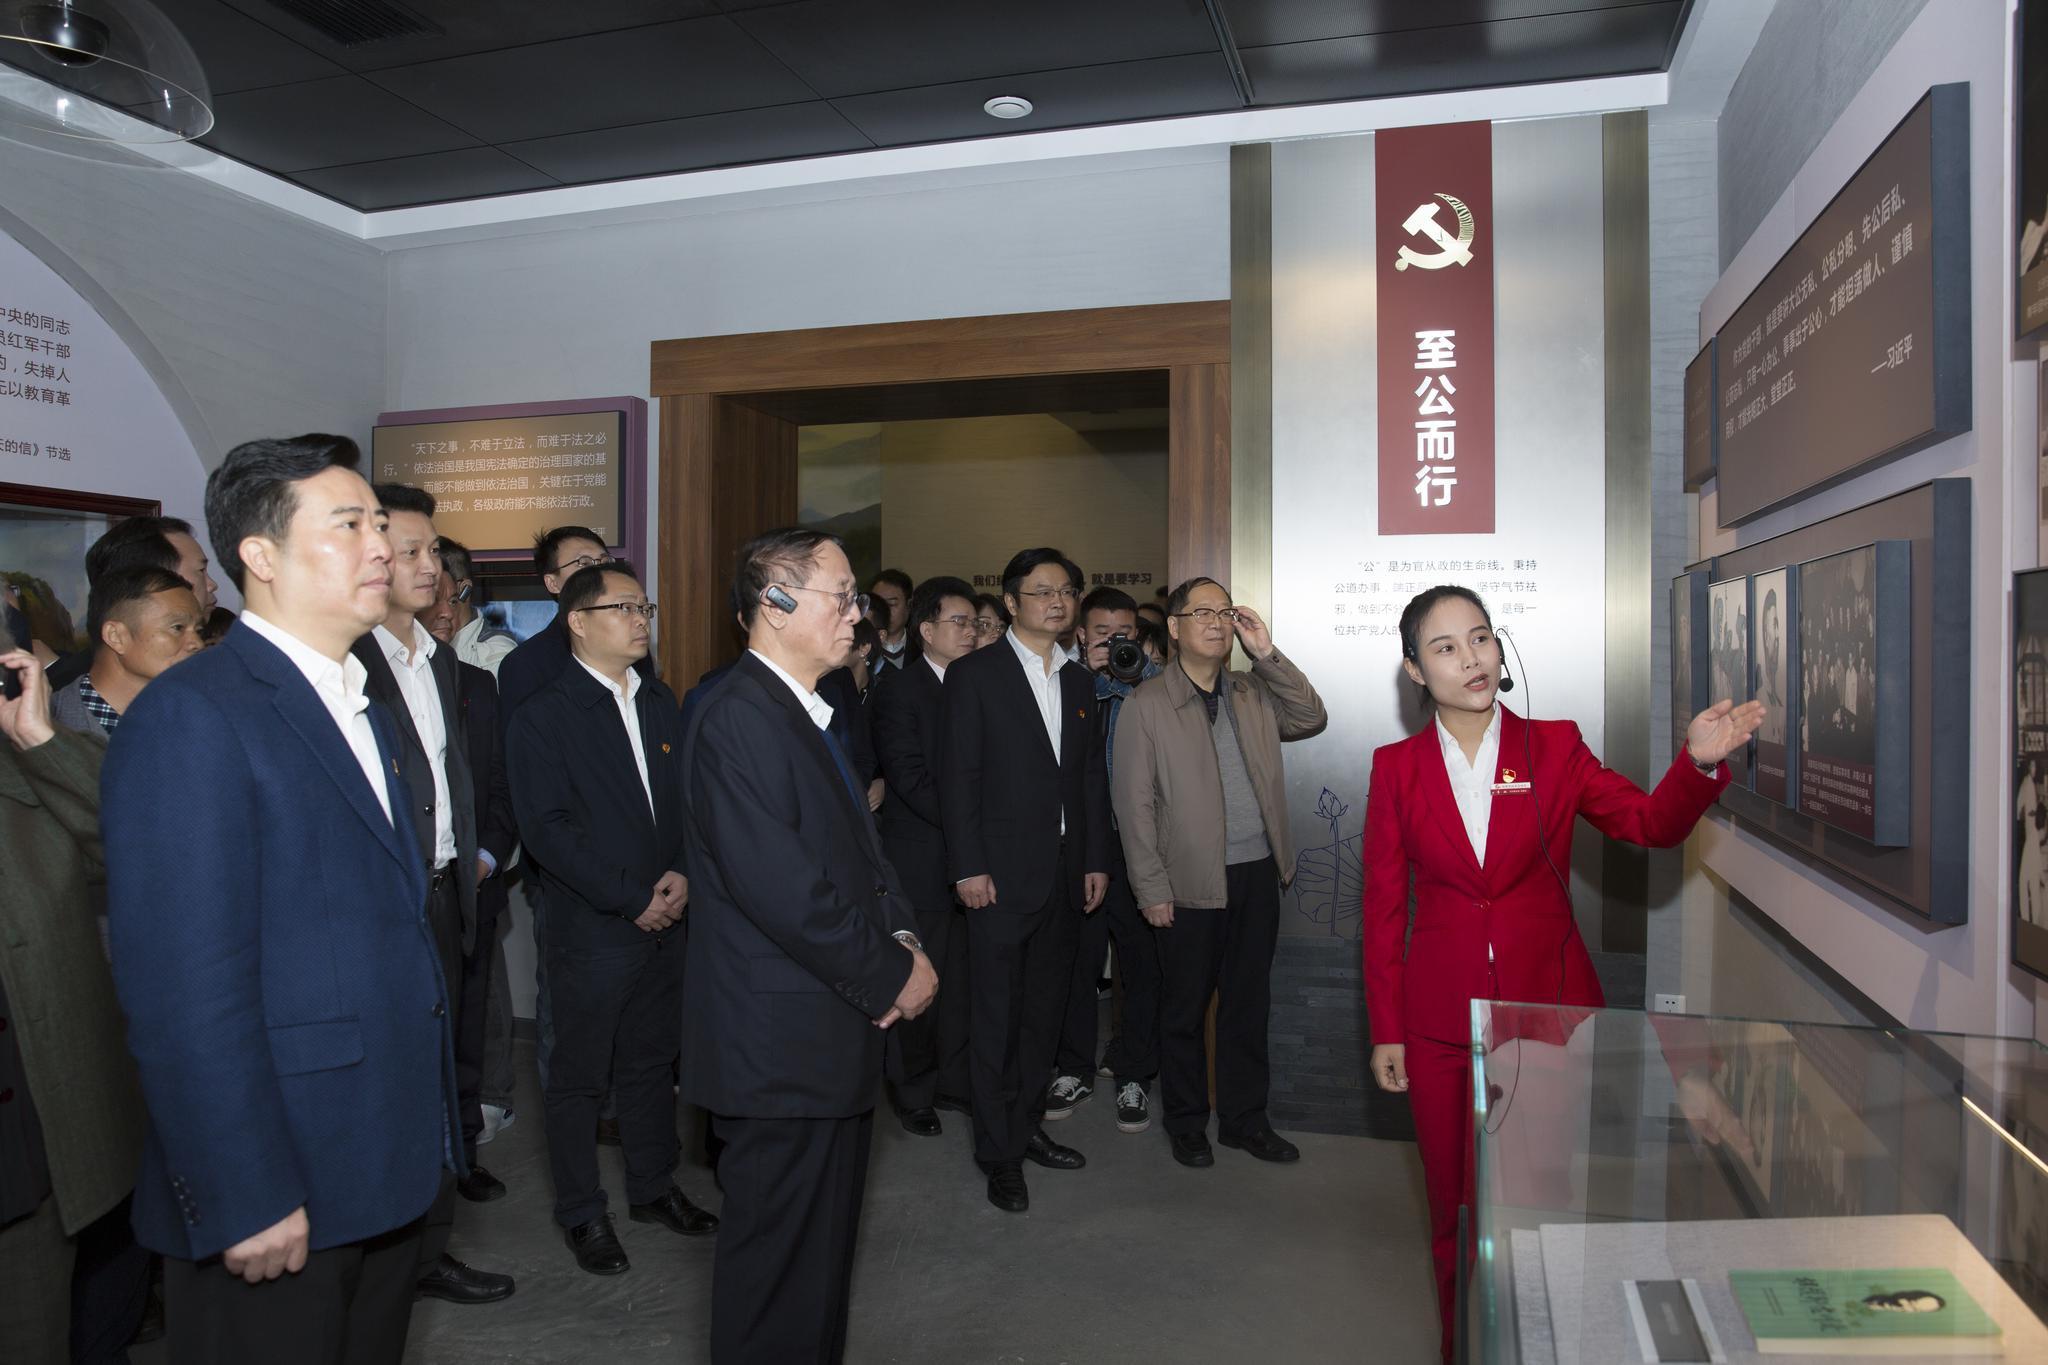 浏阳市第三届廉政文化周开幕,有个专题陈列值得一看